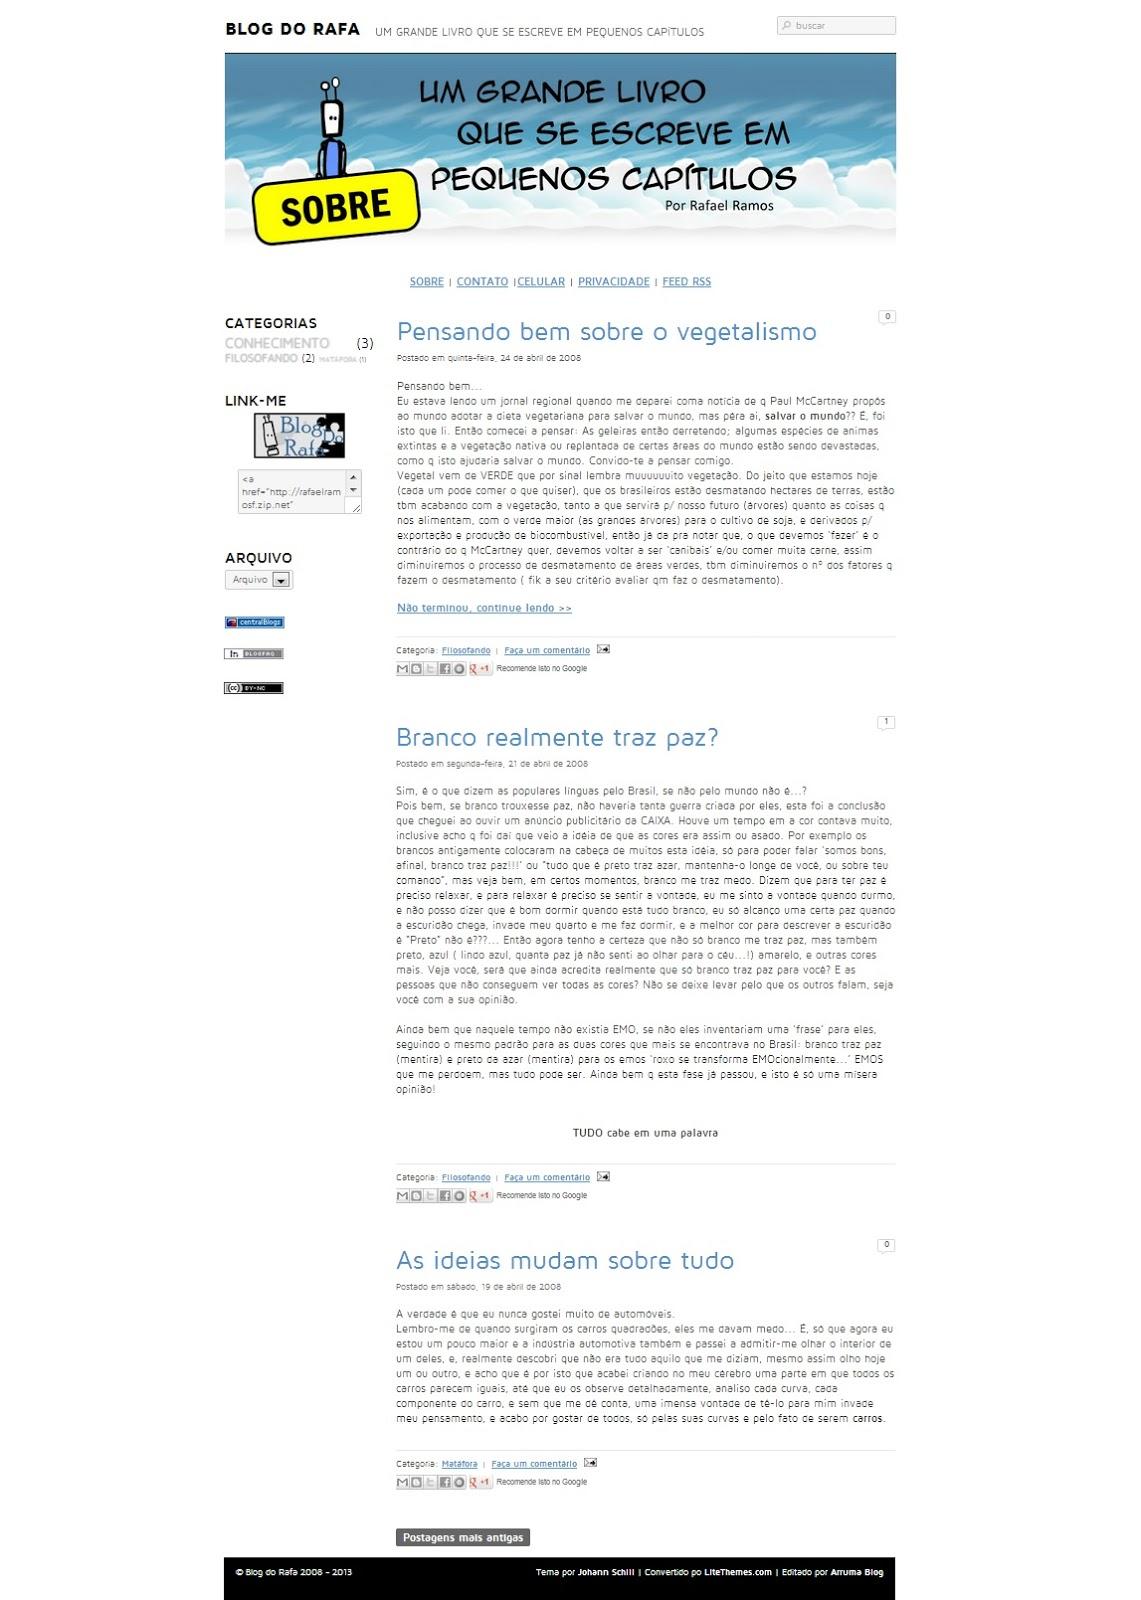 Blog do Rafa - Novo modelo